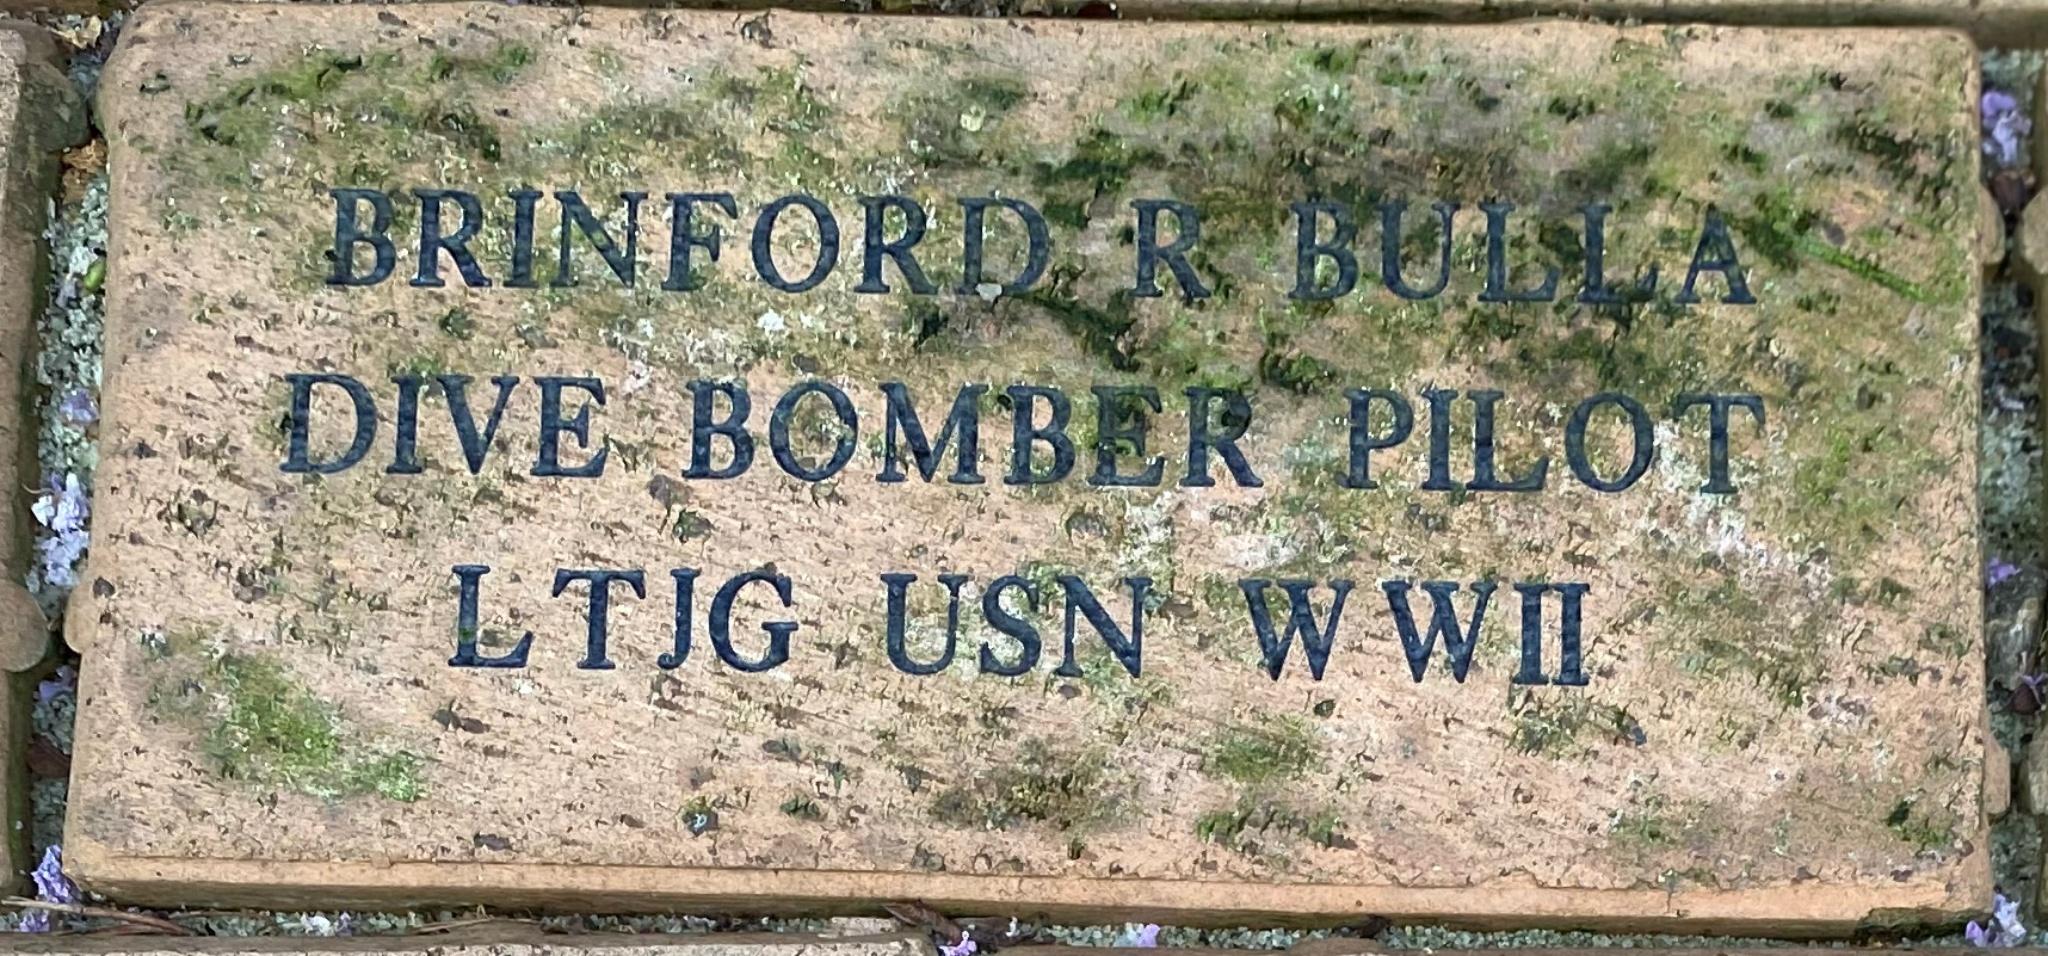 BRINFORD R BULLA DIVE BOMBER PILOT LTJG USN WWII